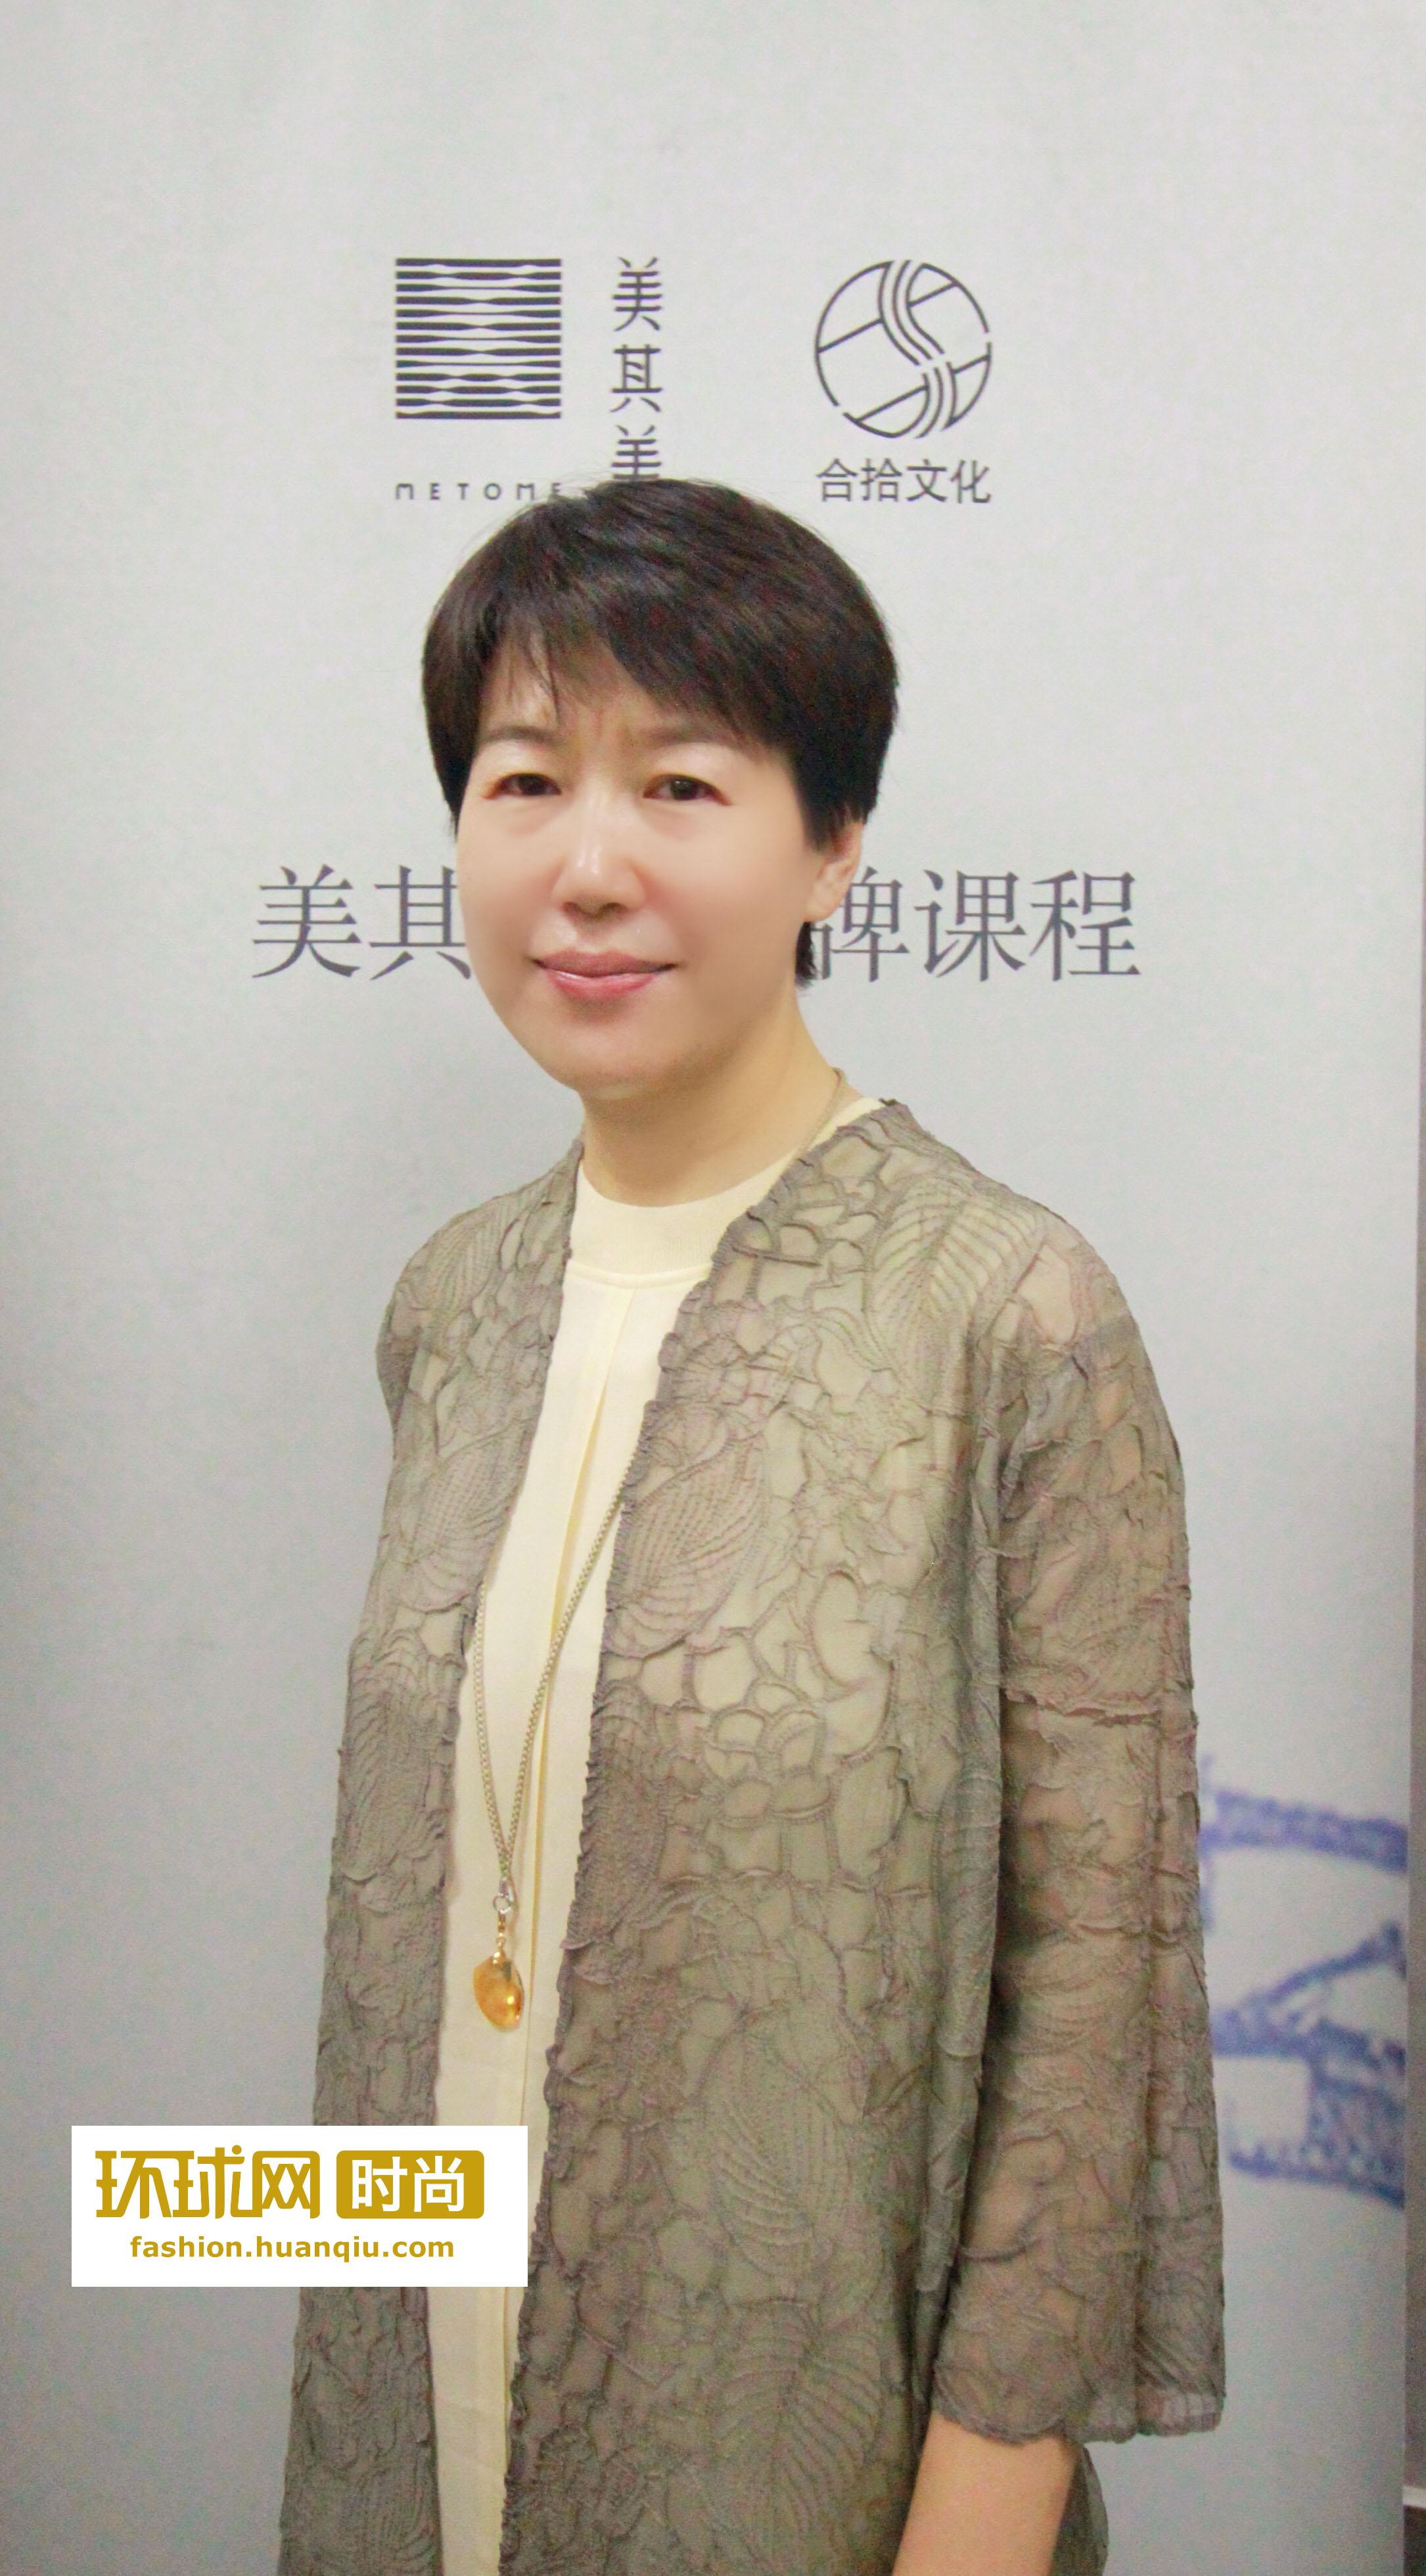 环球网时尚独家专访谢珩:国潮是更好的将中国文化融入时装设计